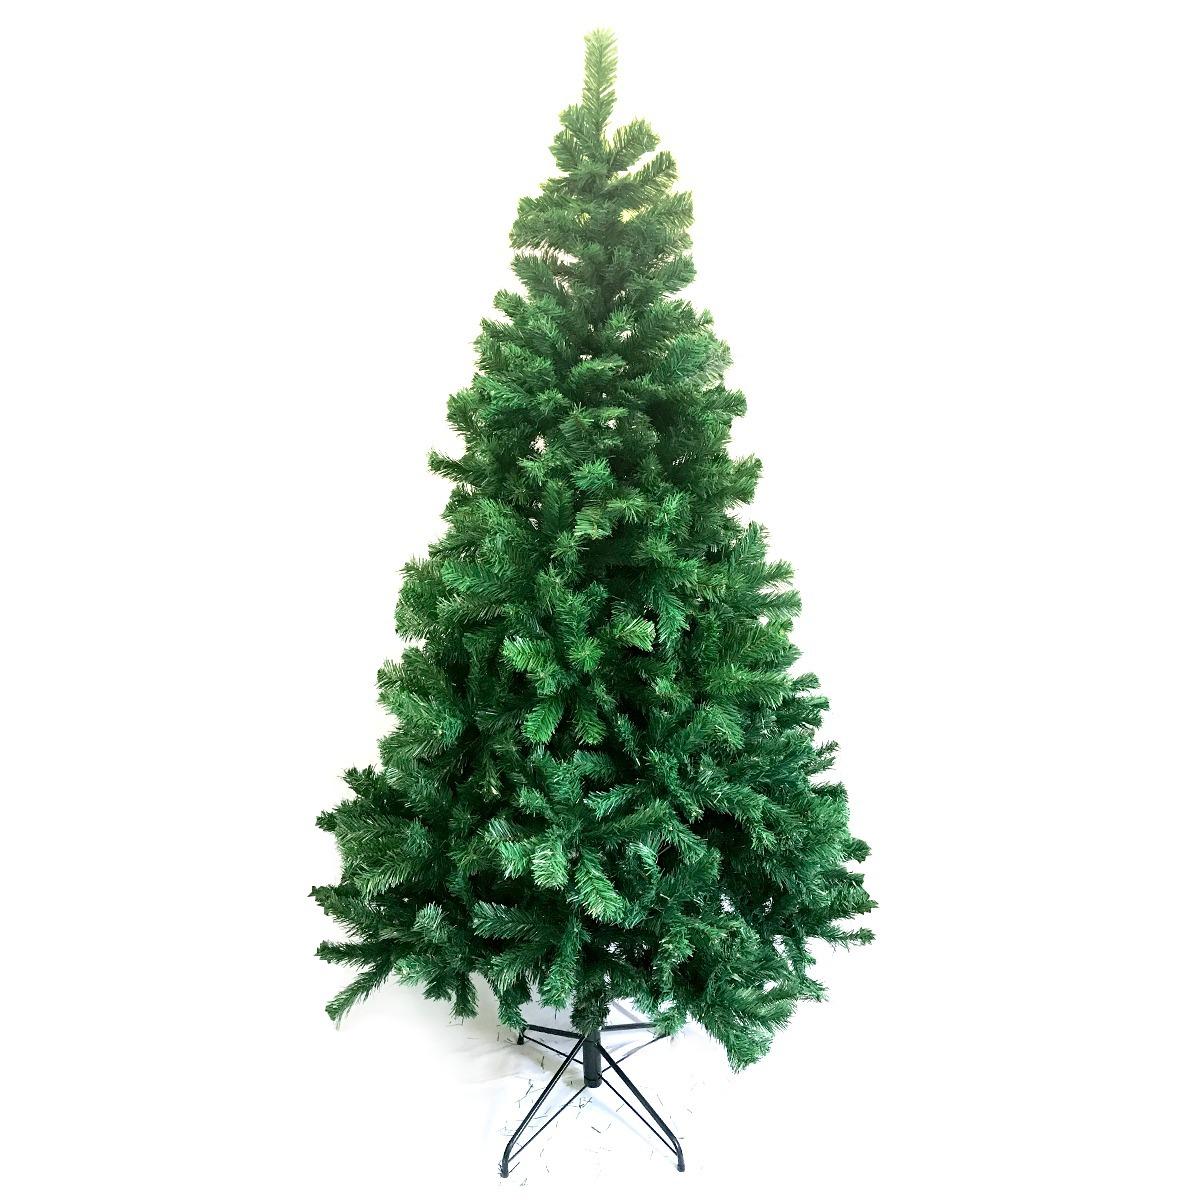 Imagenes de arboles de navidad sin decorar